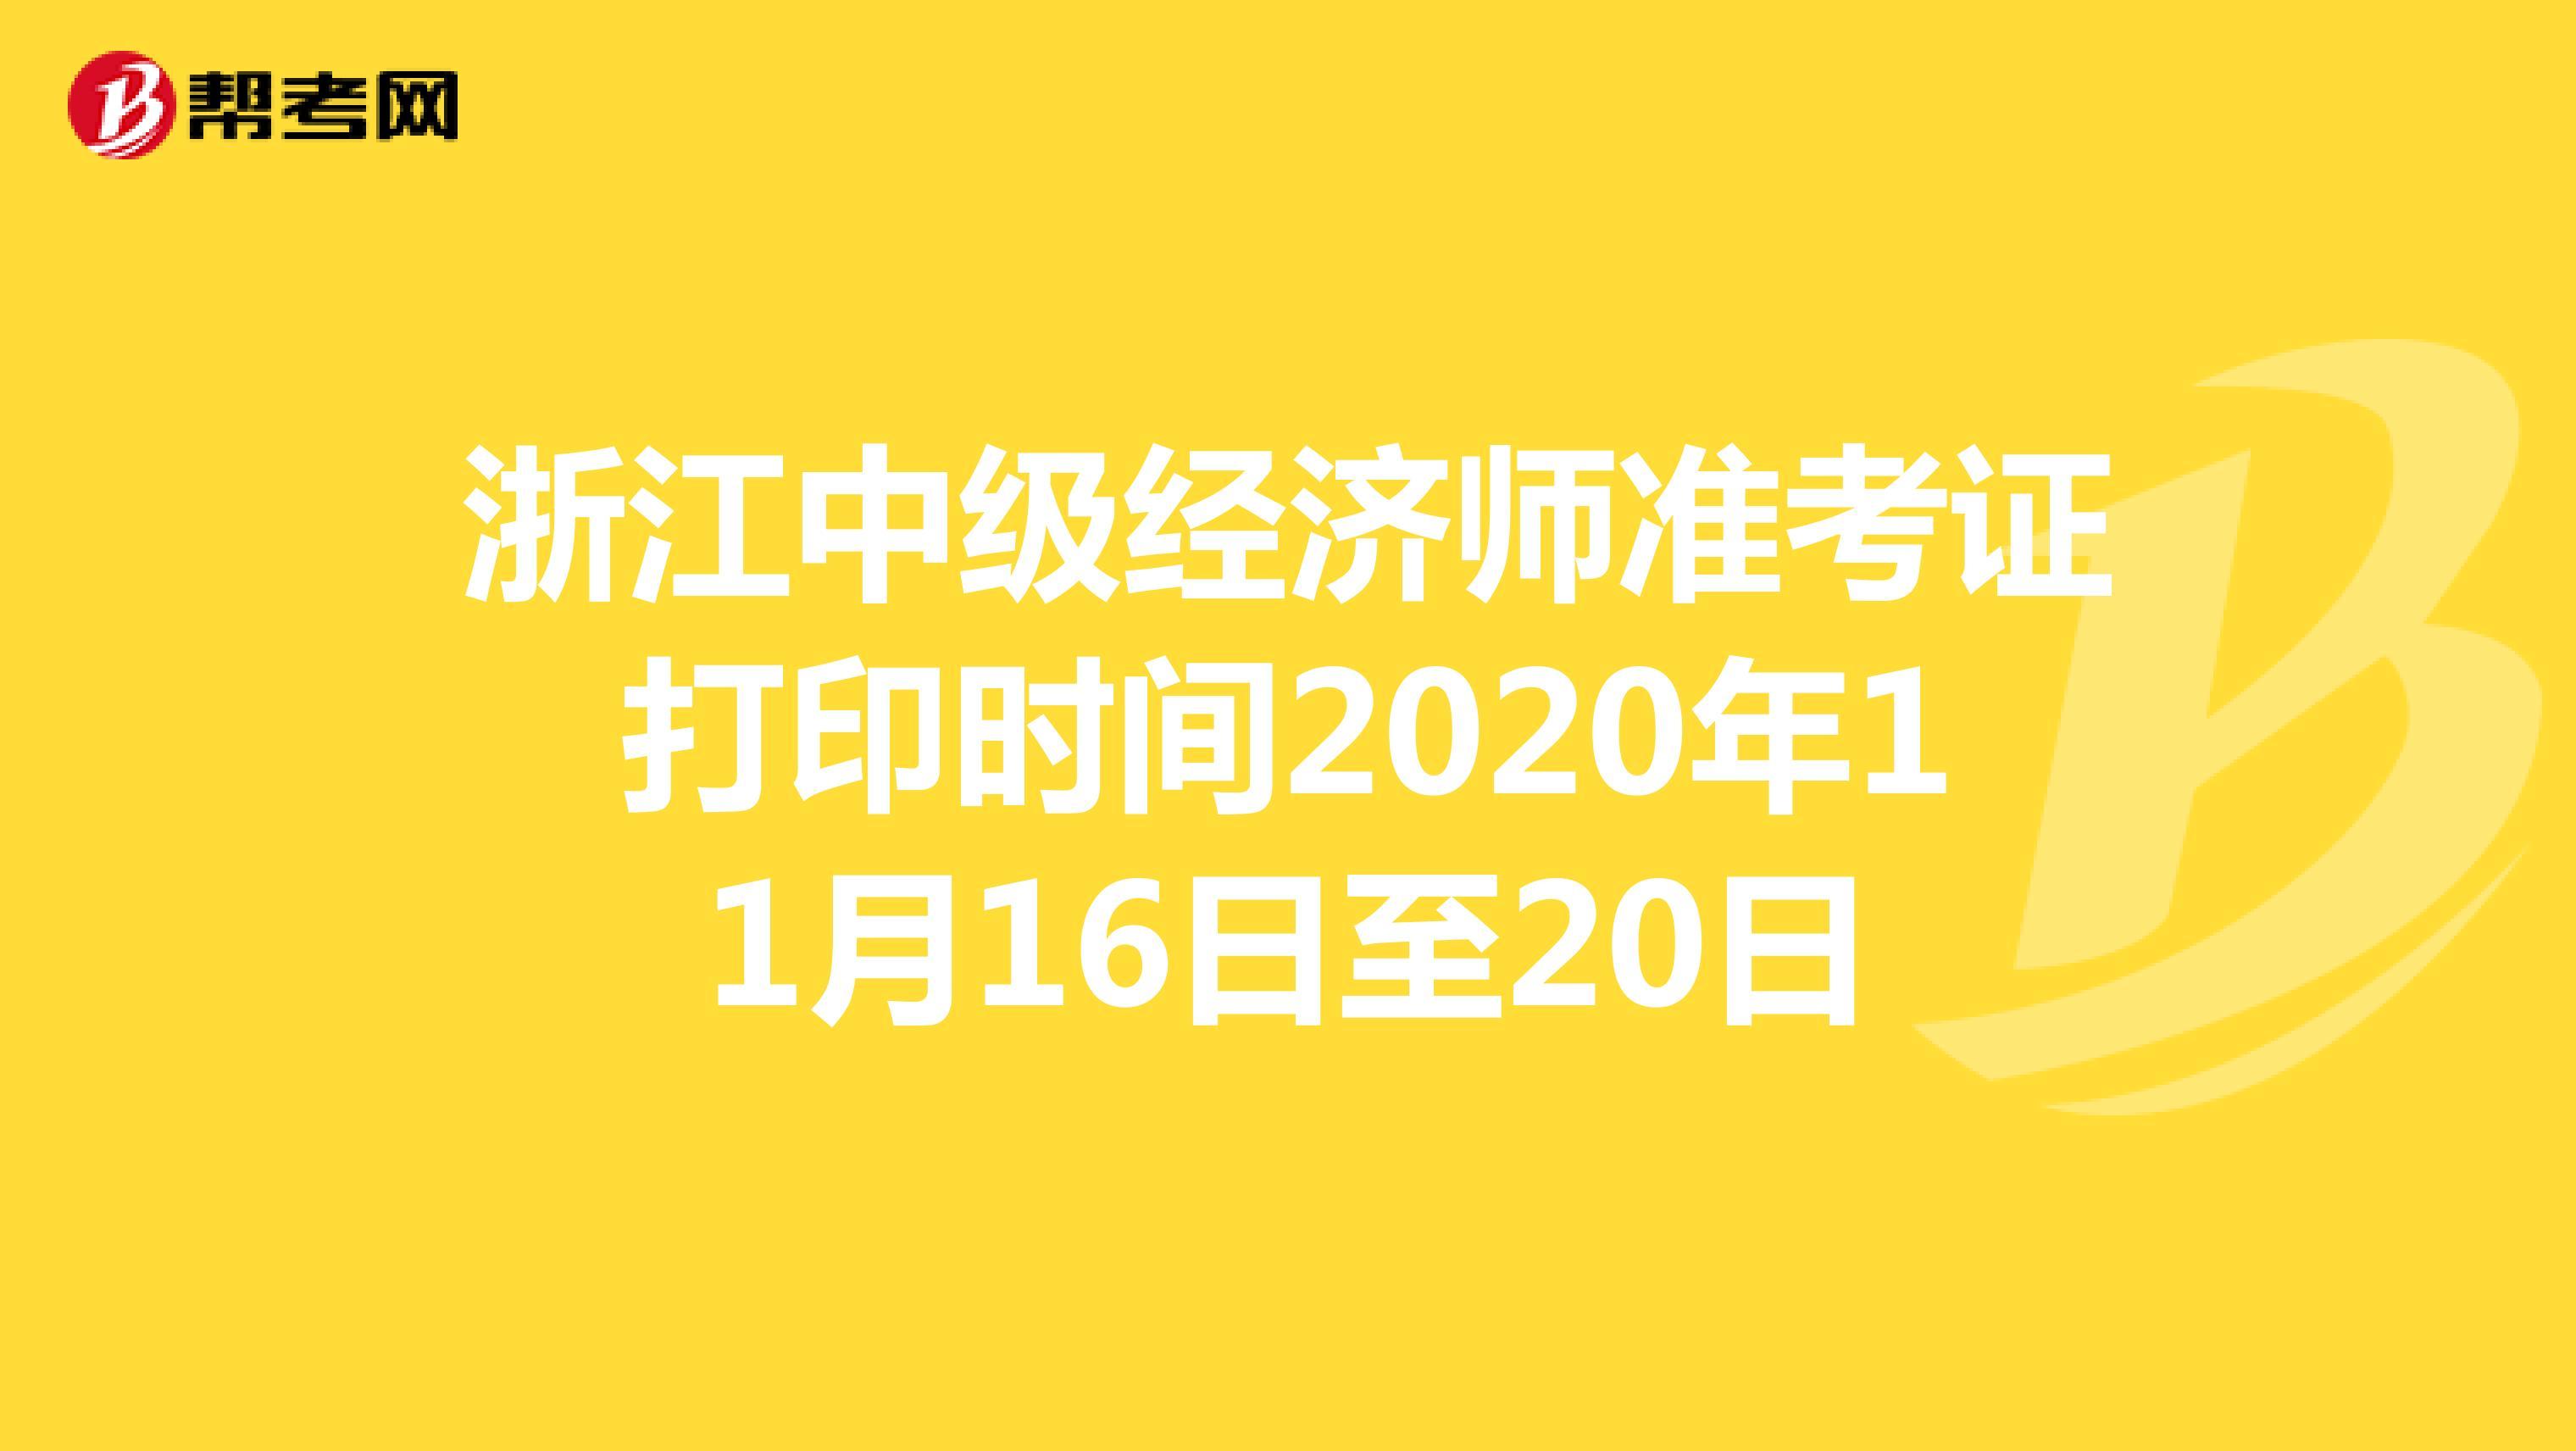 浙江中級經濟師準考證打印時間2020年11月16日至20日